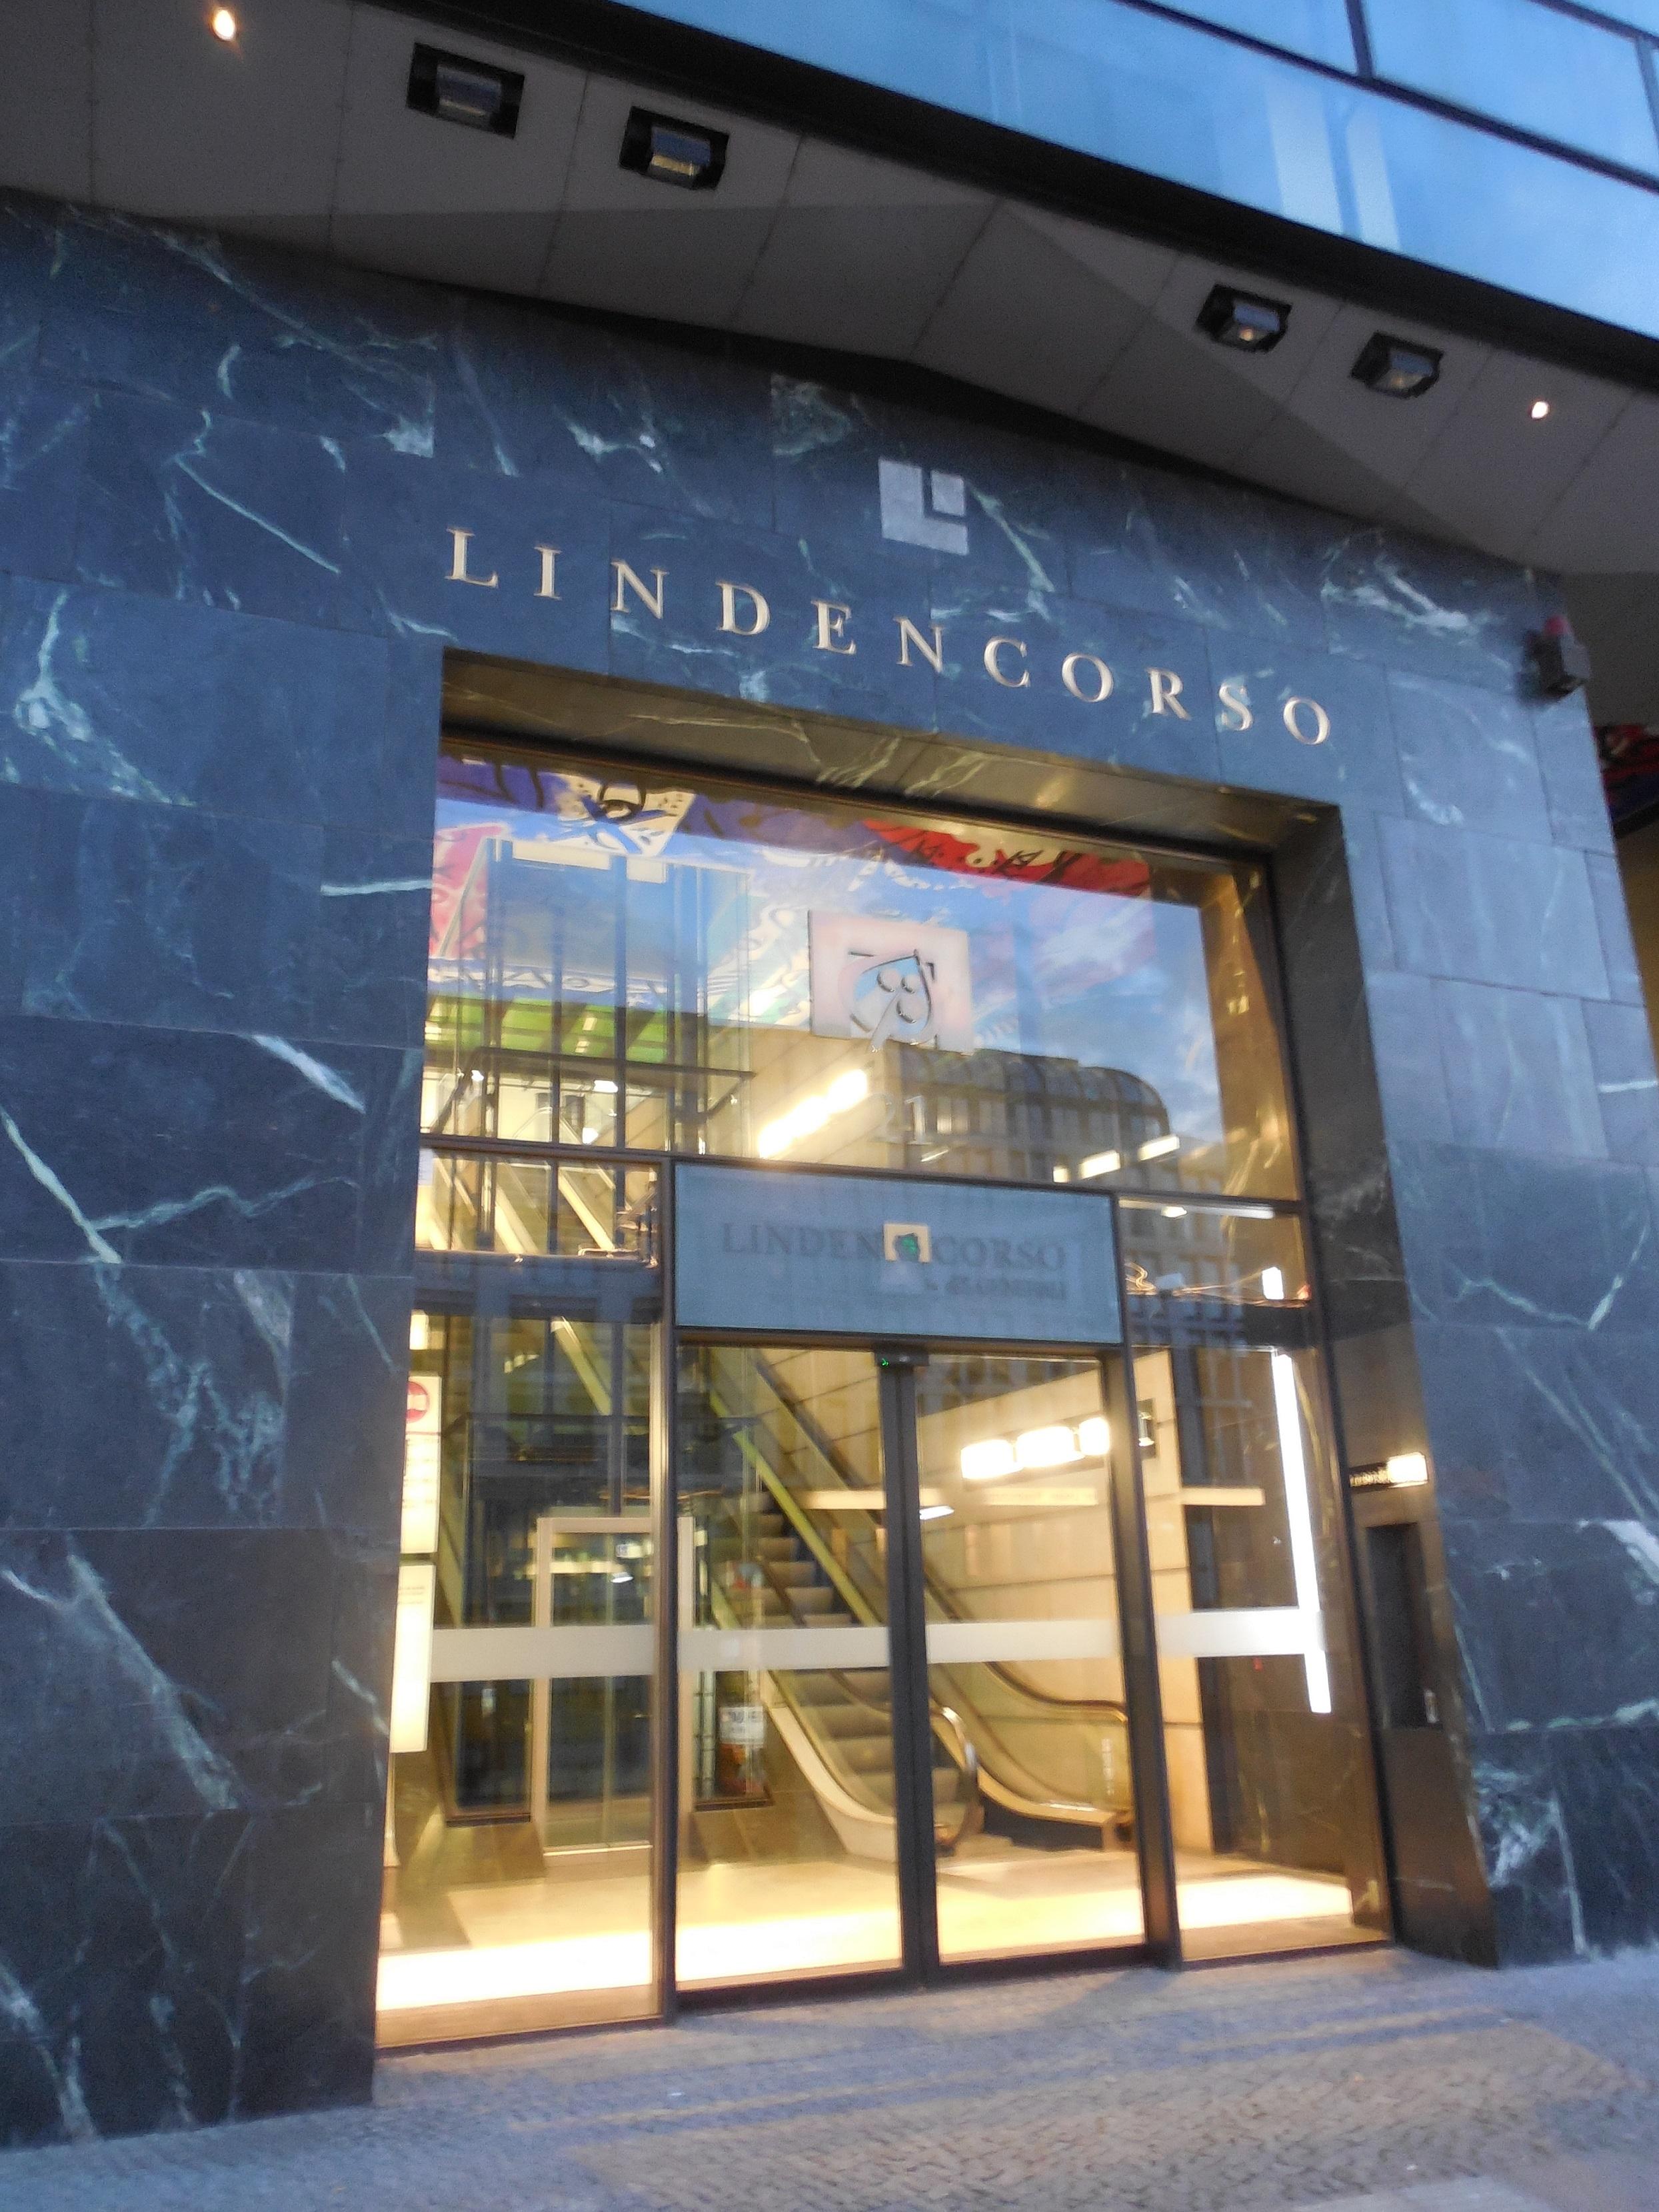 Der Lindencorso Ecke Unter den Linden/Friedrichstraße, wo der Militärlobbyclub logiert